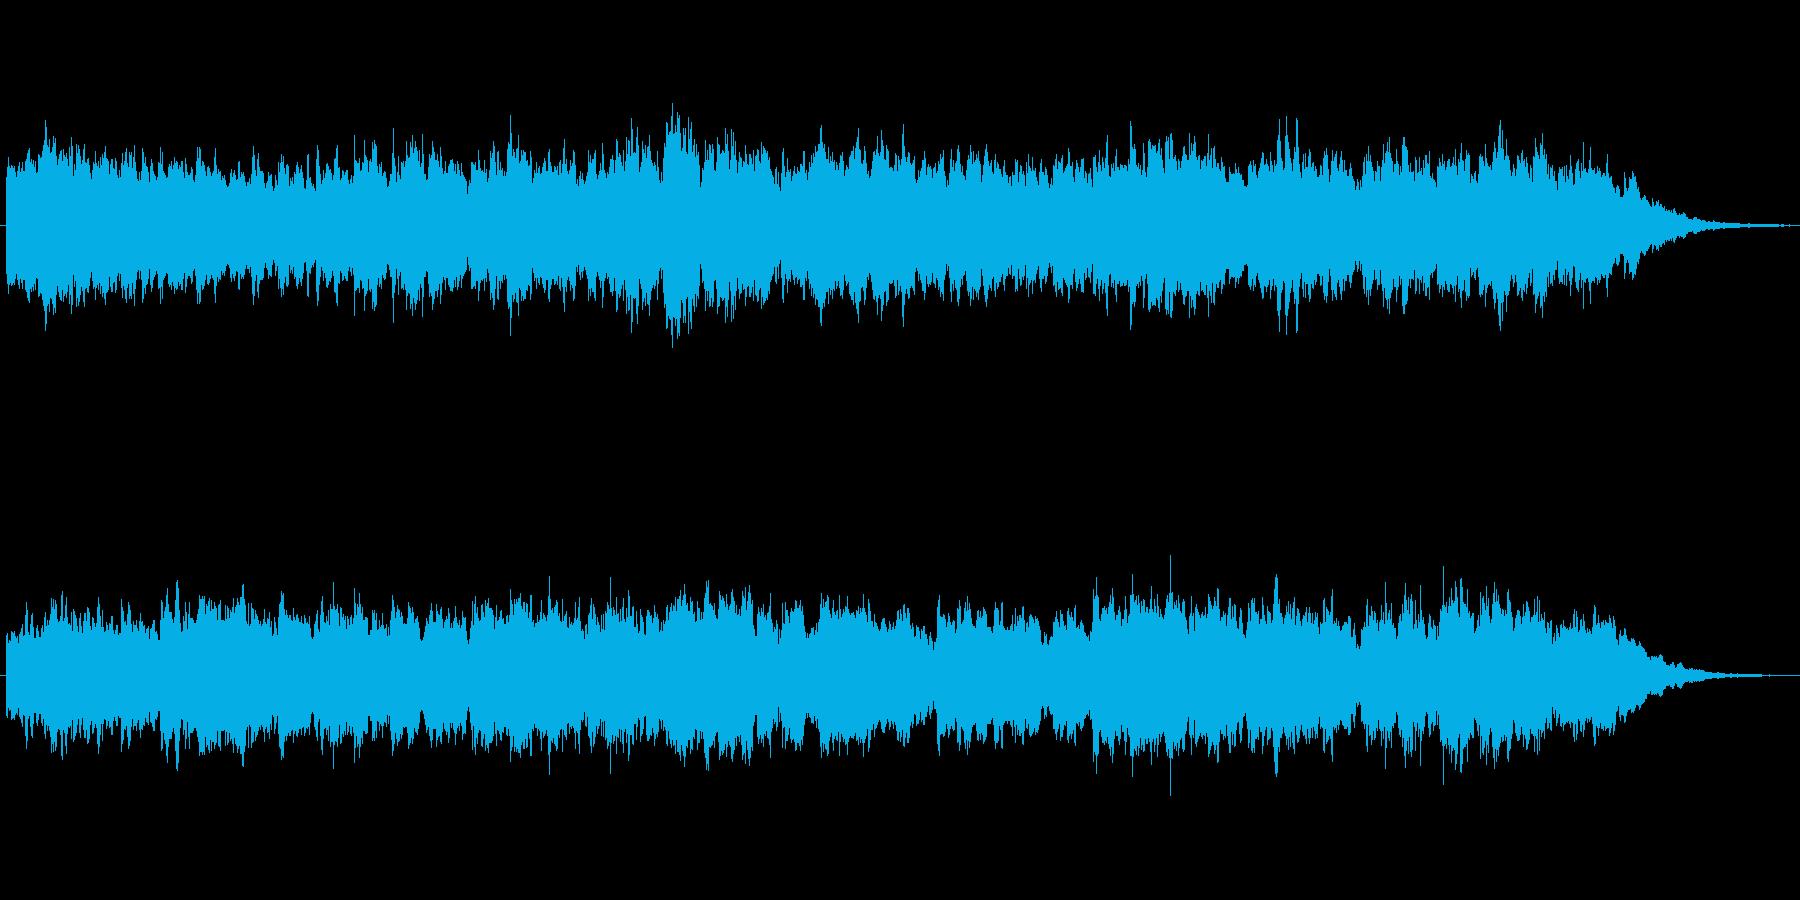 キラキラシンセのメルヘン世界のジングルの再生済みの波形